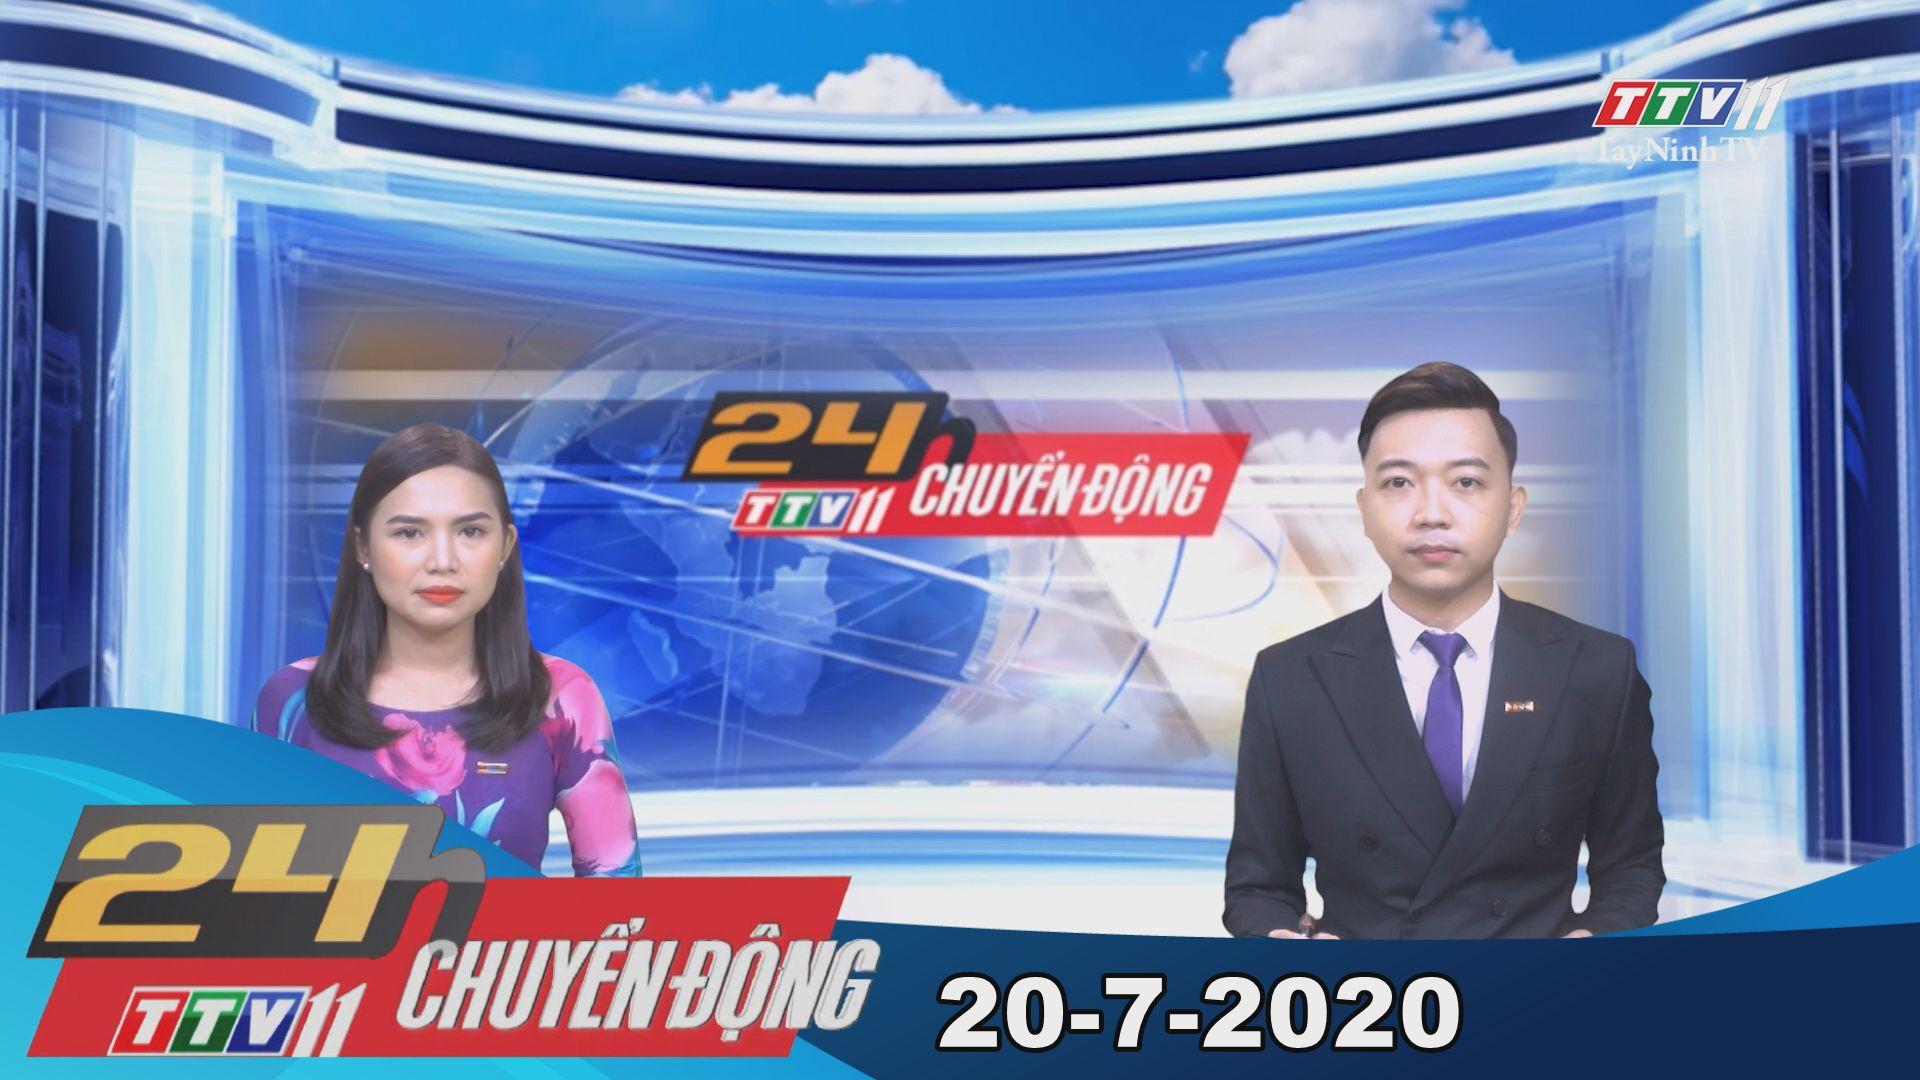 24h Chuyển động 20-7-2020 | Tin tức hôm nay | TayNinhTV